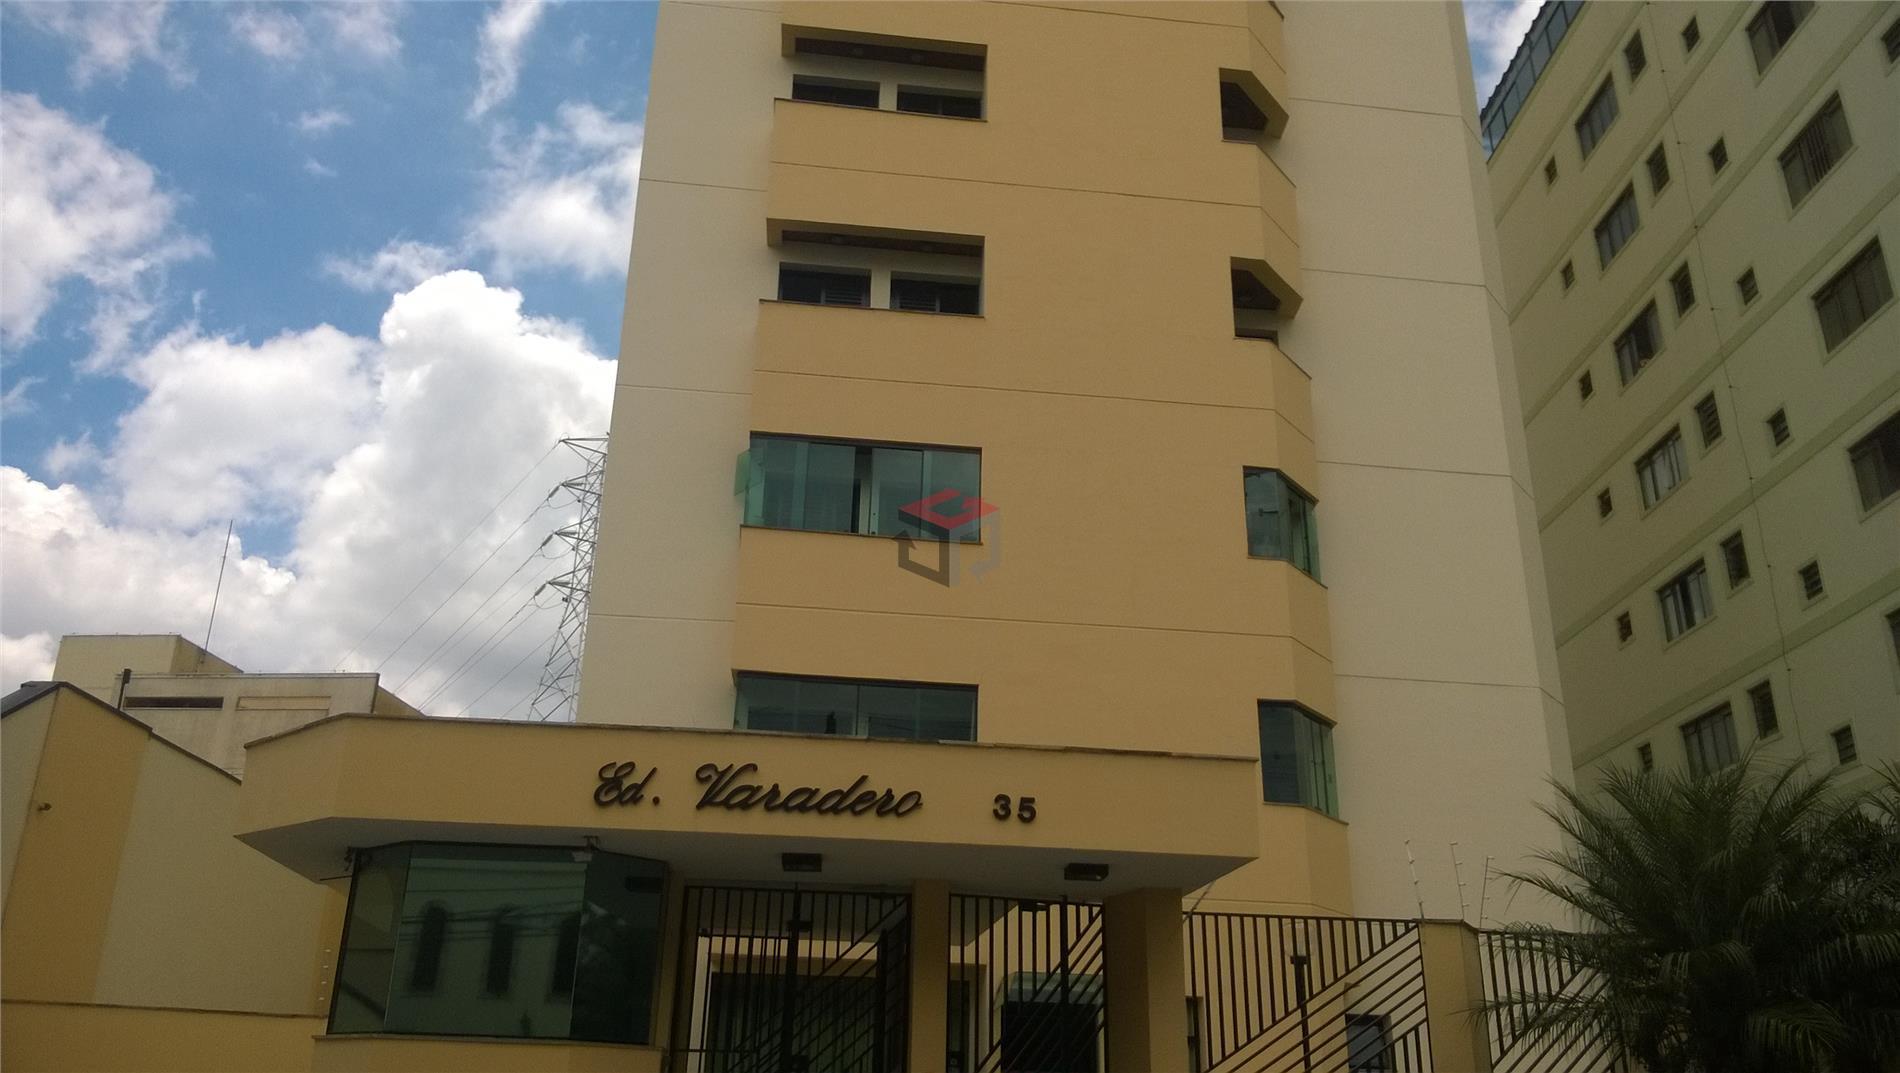 Apartamento à venda, Nova Petrópolis, São Bernardo do Campo - AP18090.